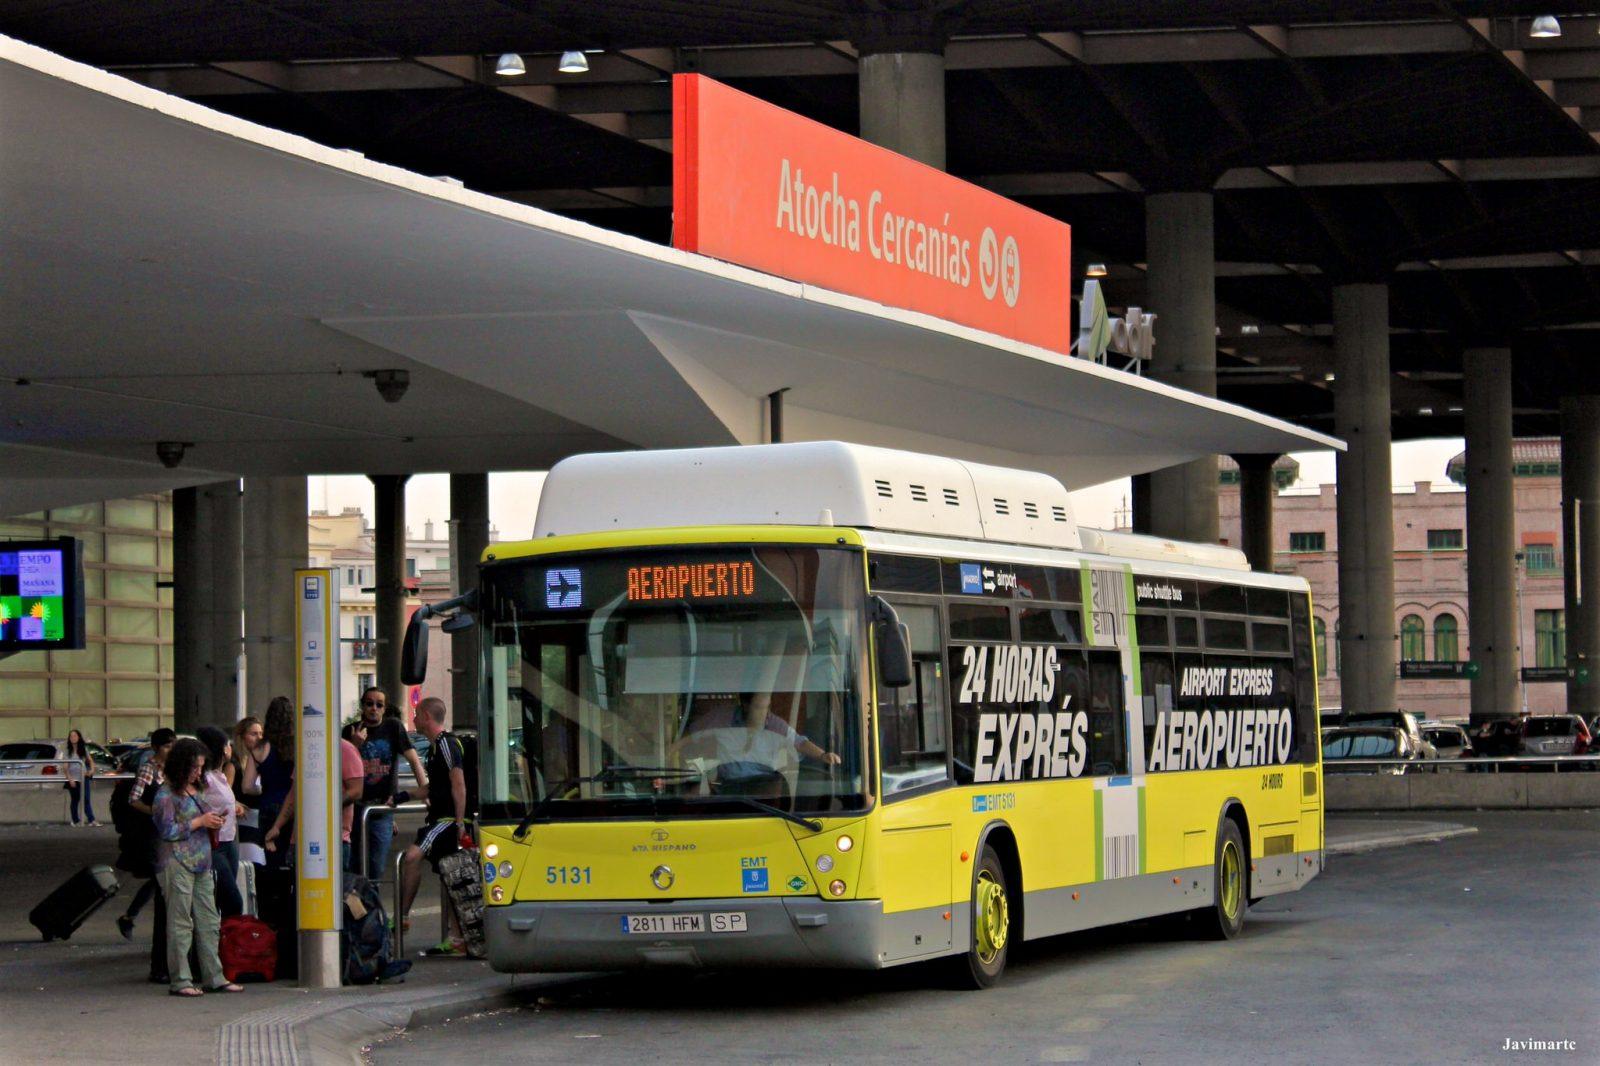 Автобус Exprés Aeropuerto: днем линия – 203, ночью – N27